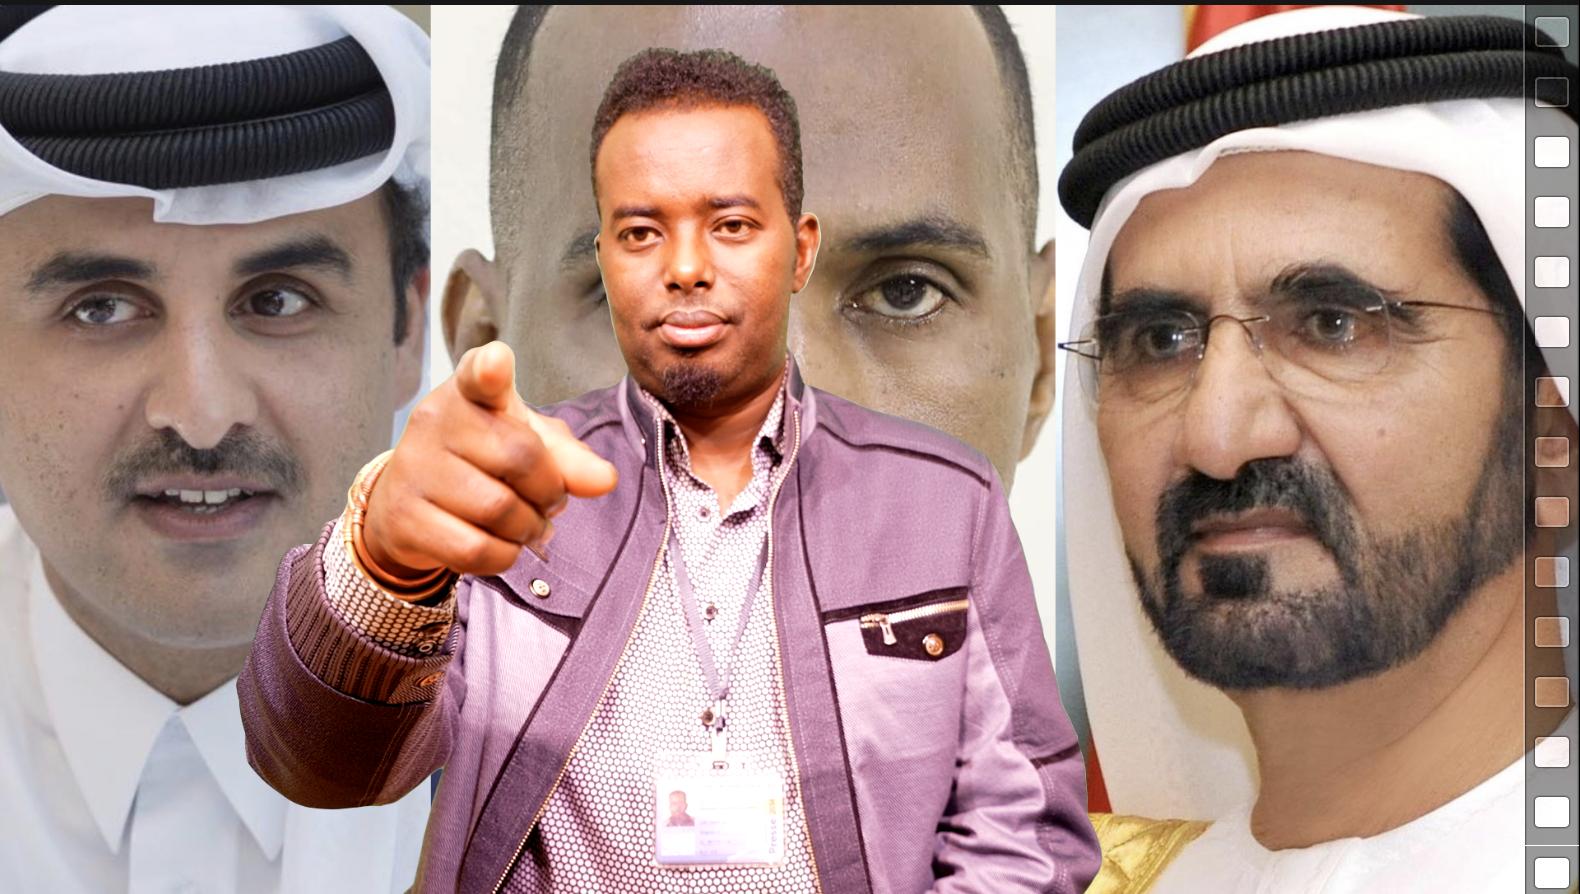 [DAAWO] Dowladaha Qatar iyo Emirate-ka iyo tirada Musharaxiinta ay lacagta siiyeen